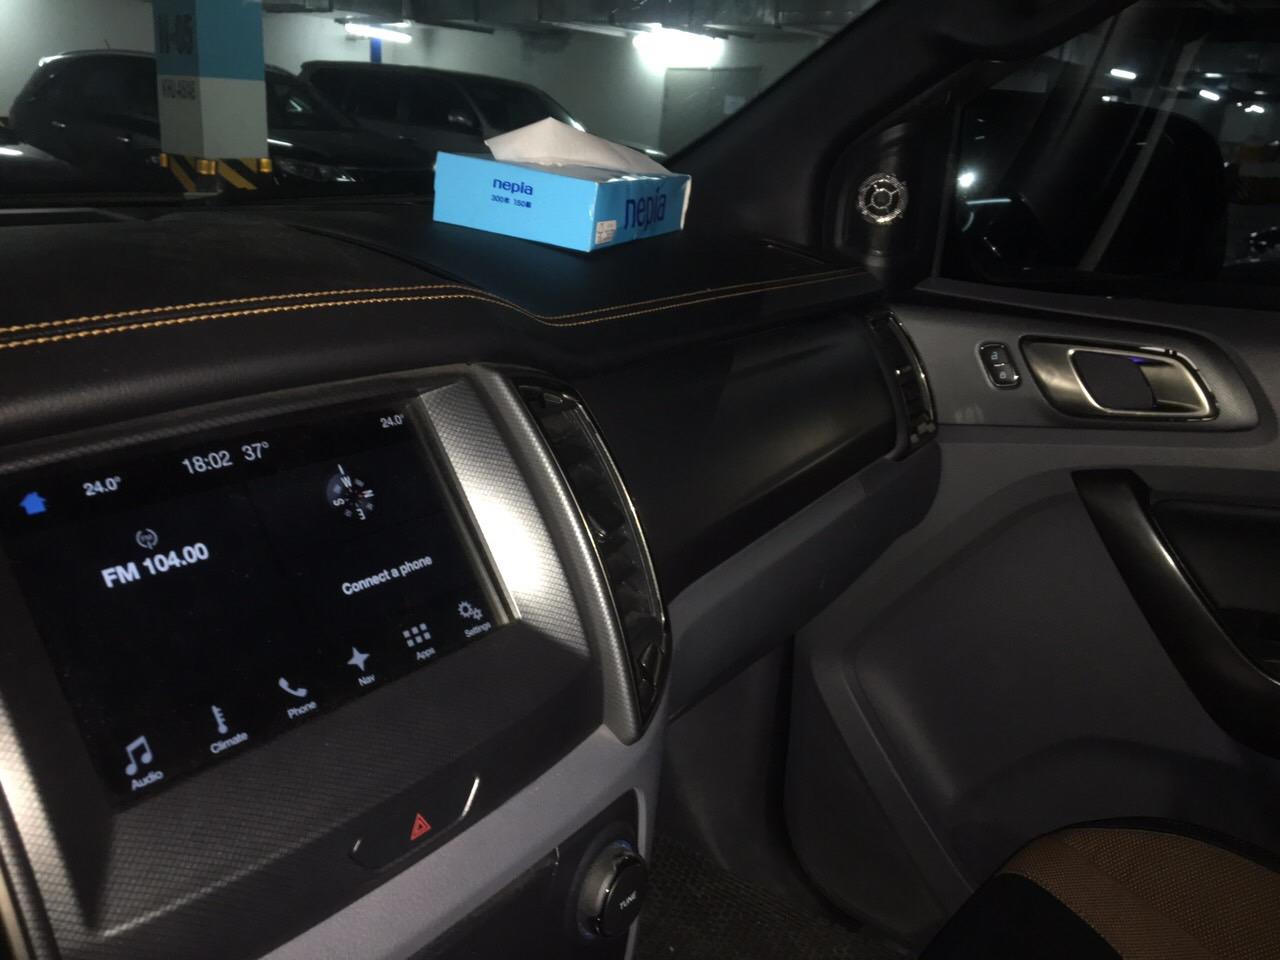 Ford Ranger Wildtrak 2.0L Bi-Turbo nhập khẩu đủ màu giao ngay, gọi ngay 0978 018 806